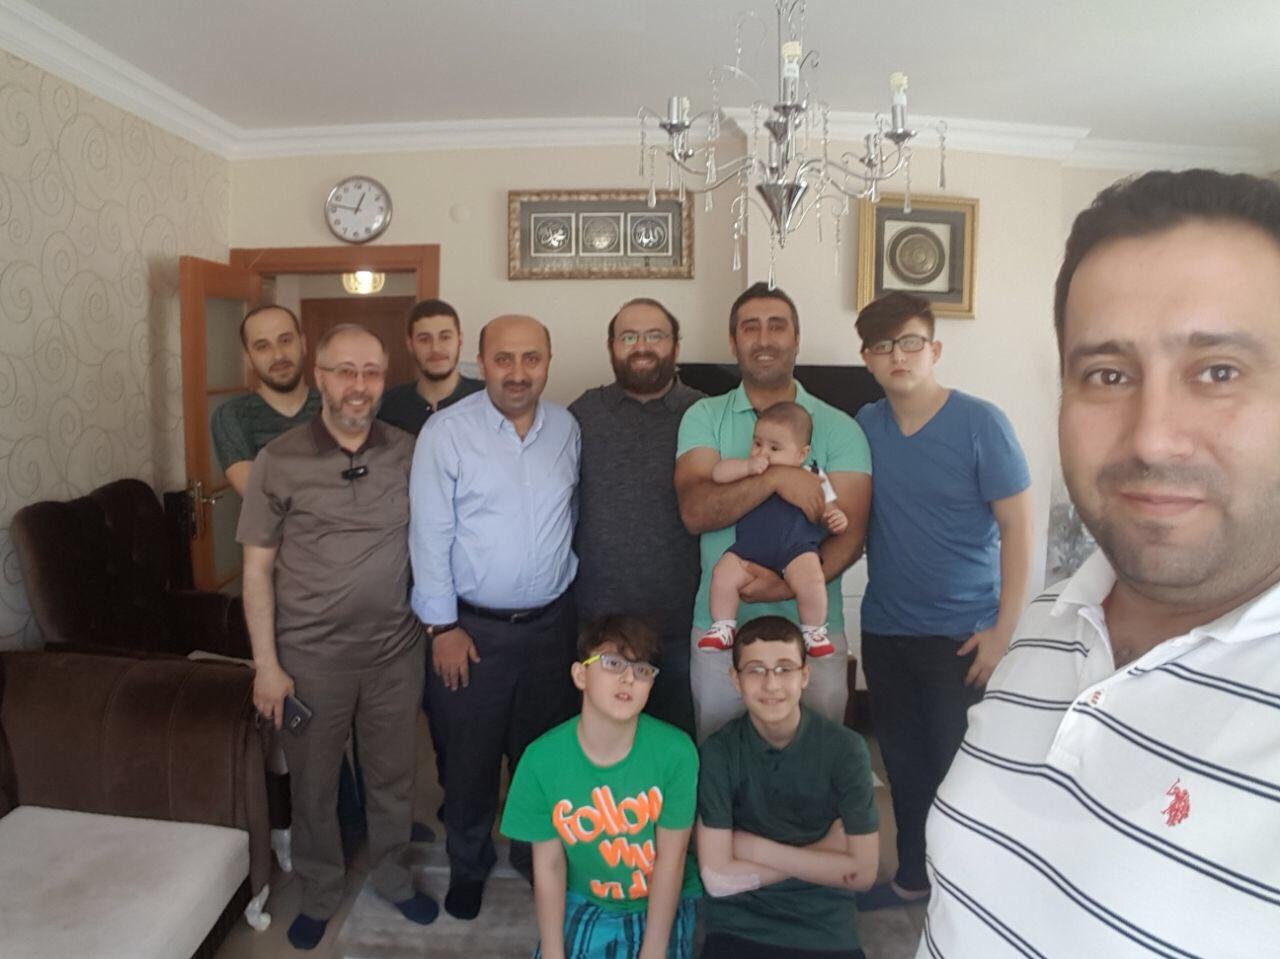 Bugün bayram  Bayramlar eş-dost ve akrabalarla güzel  Ramazan bayramımız mubarek olsun https://t.co/PaKE39ztwl